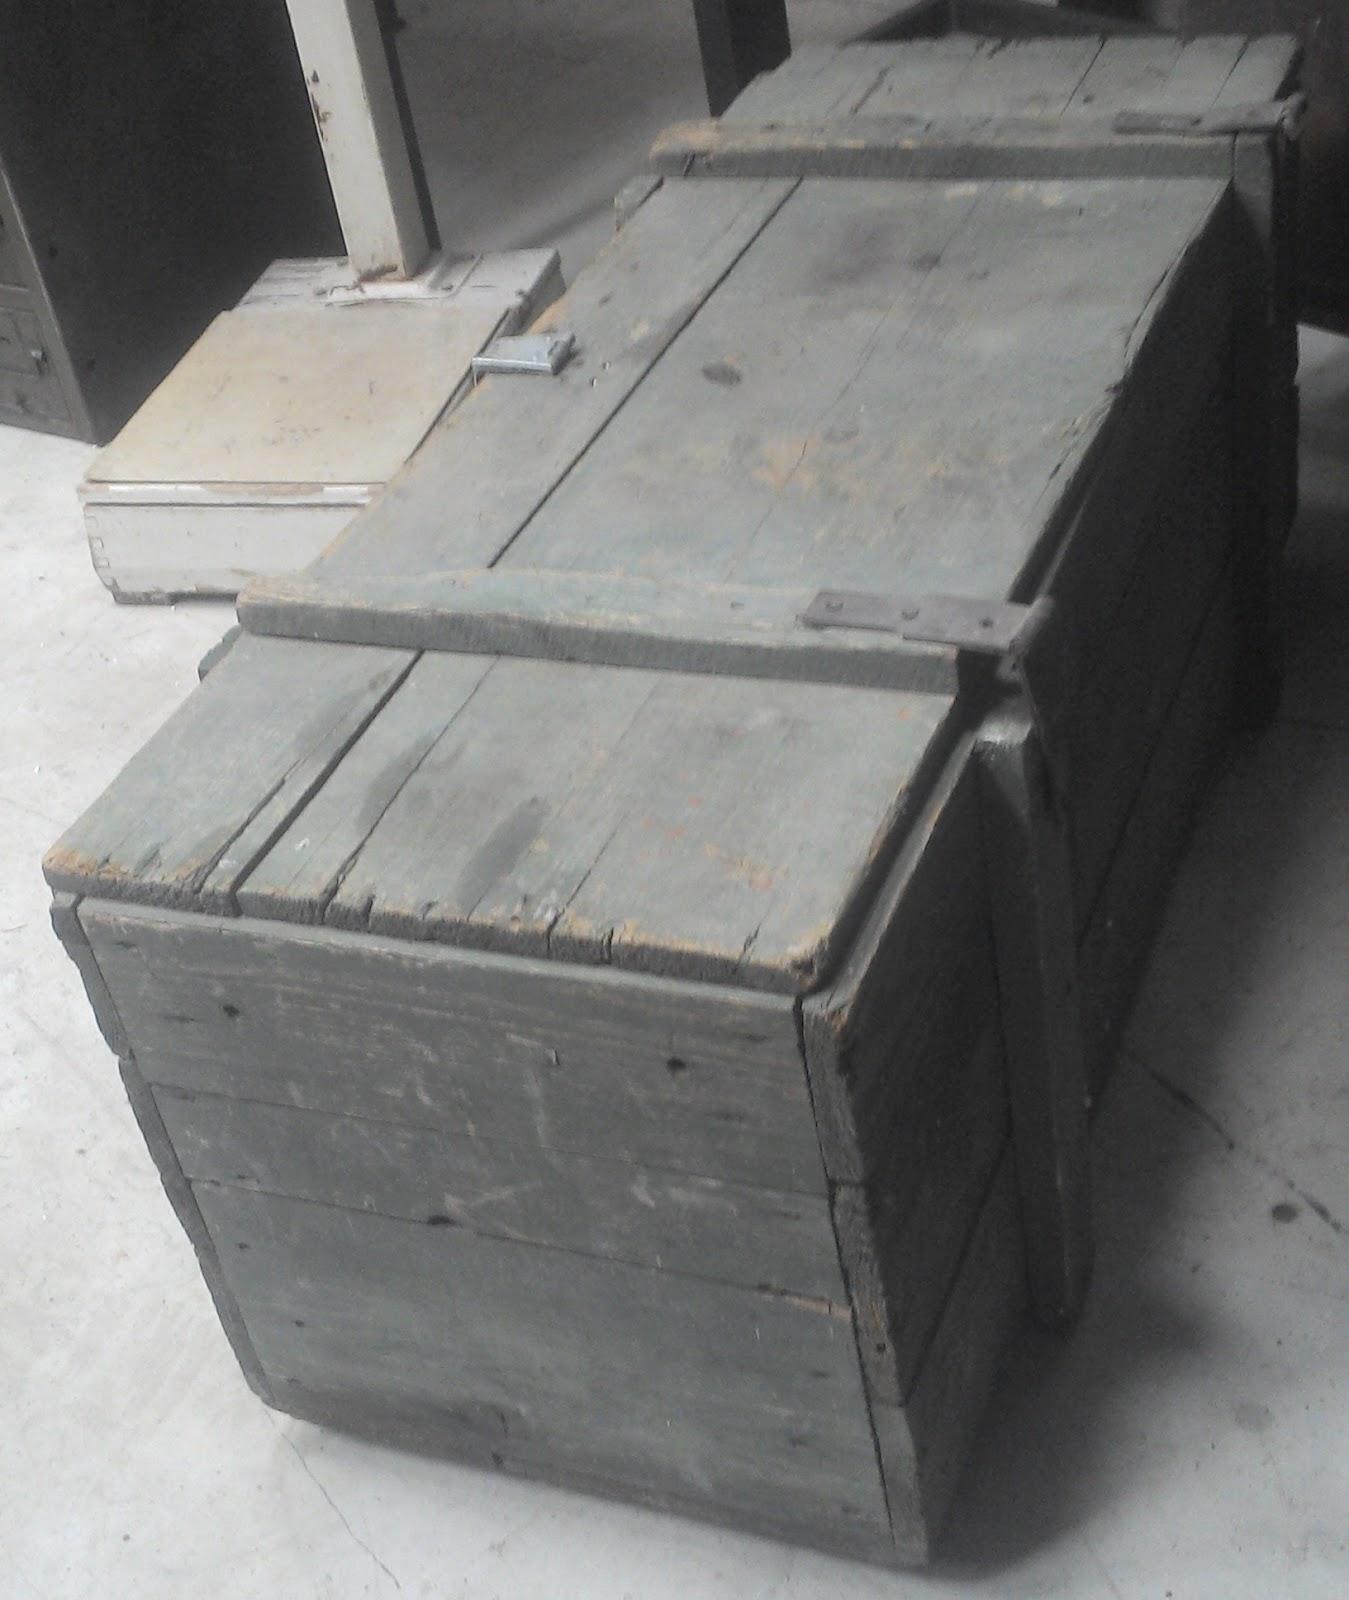 caisse en metal caisse metal rosycabroc design industriel caisses en m tal d 39 atelier. Black Bedroom Furniture Sets. Home Design Ideas